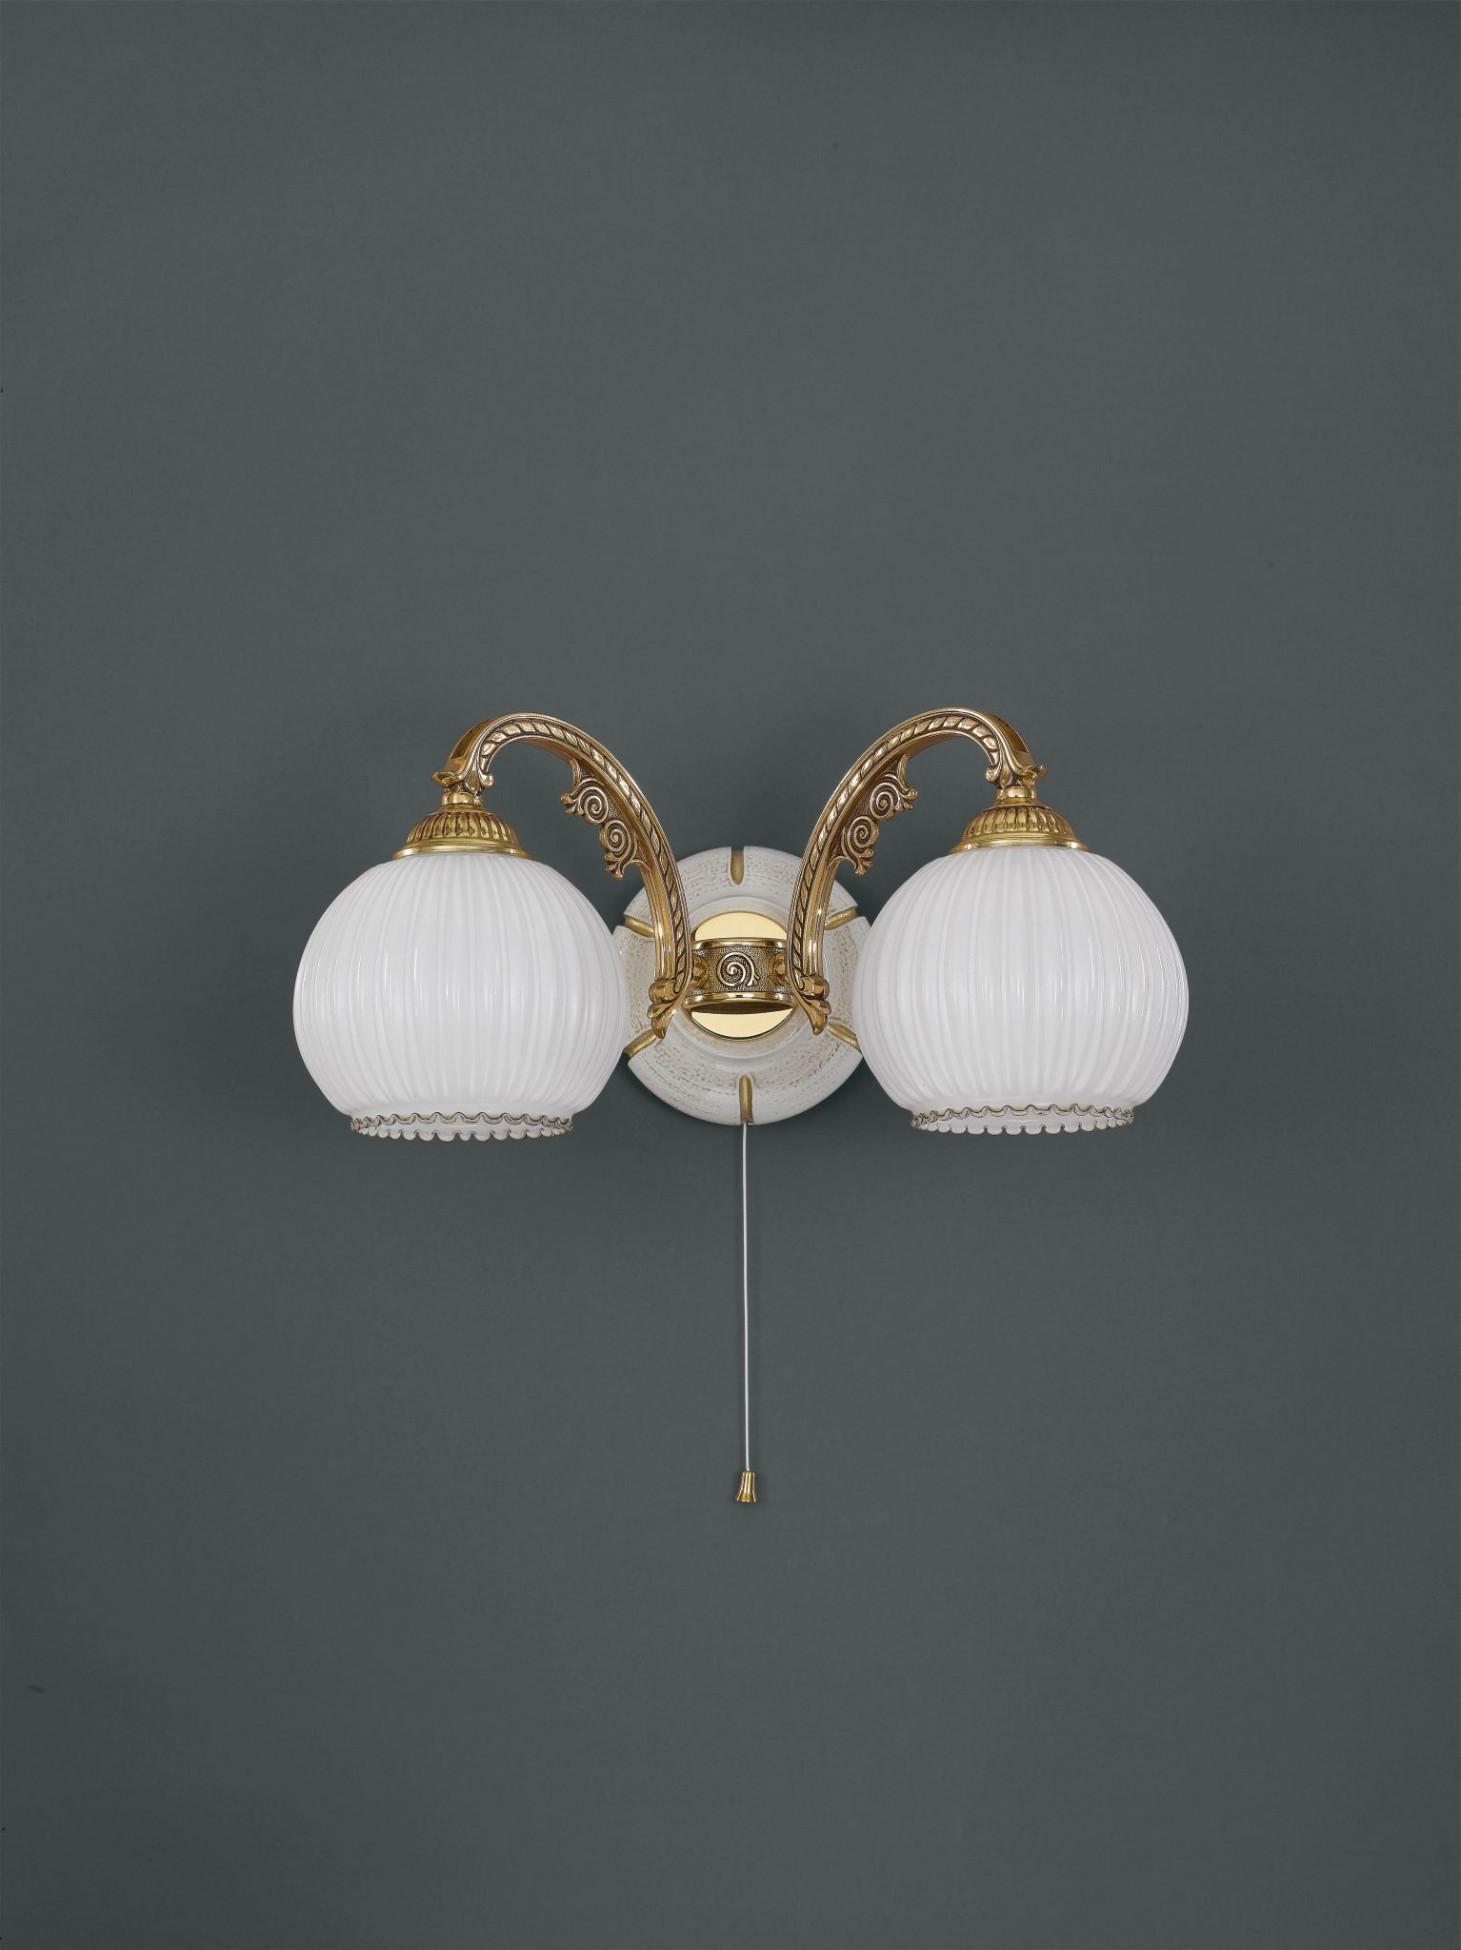 applique in ottone dorato e vetro bianco a 2 luci verso